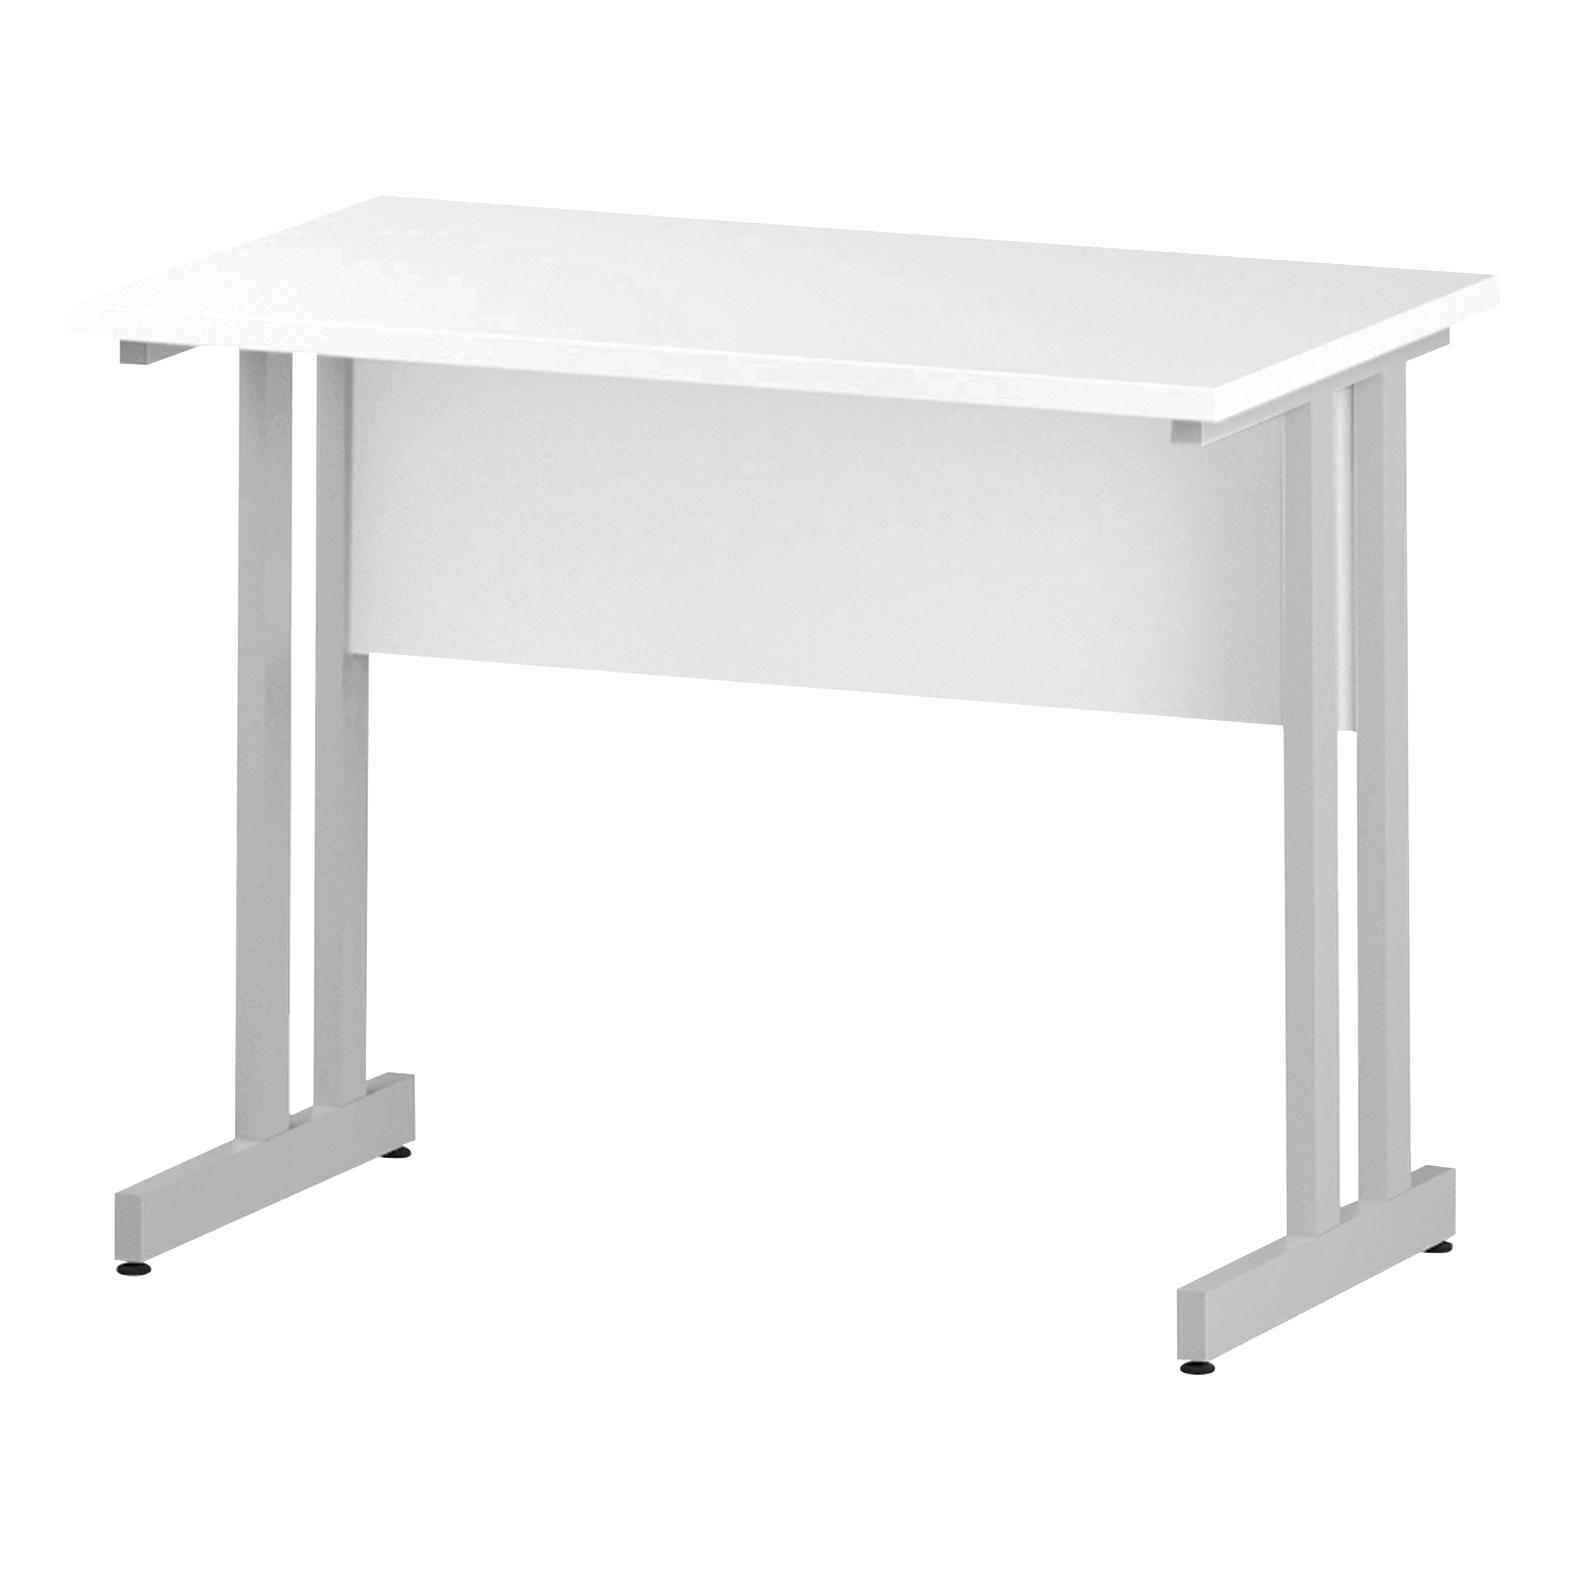 Trexus Rectangular Slim Desk White Cantilever Leg 1000x600mm White Ref I002200